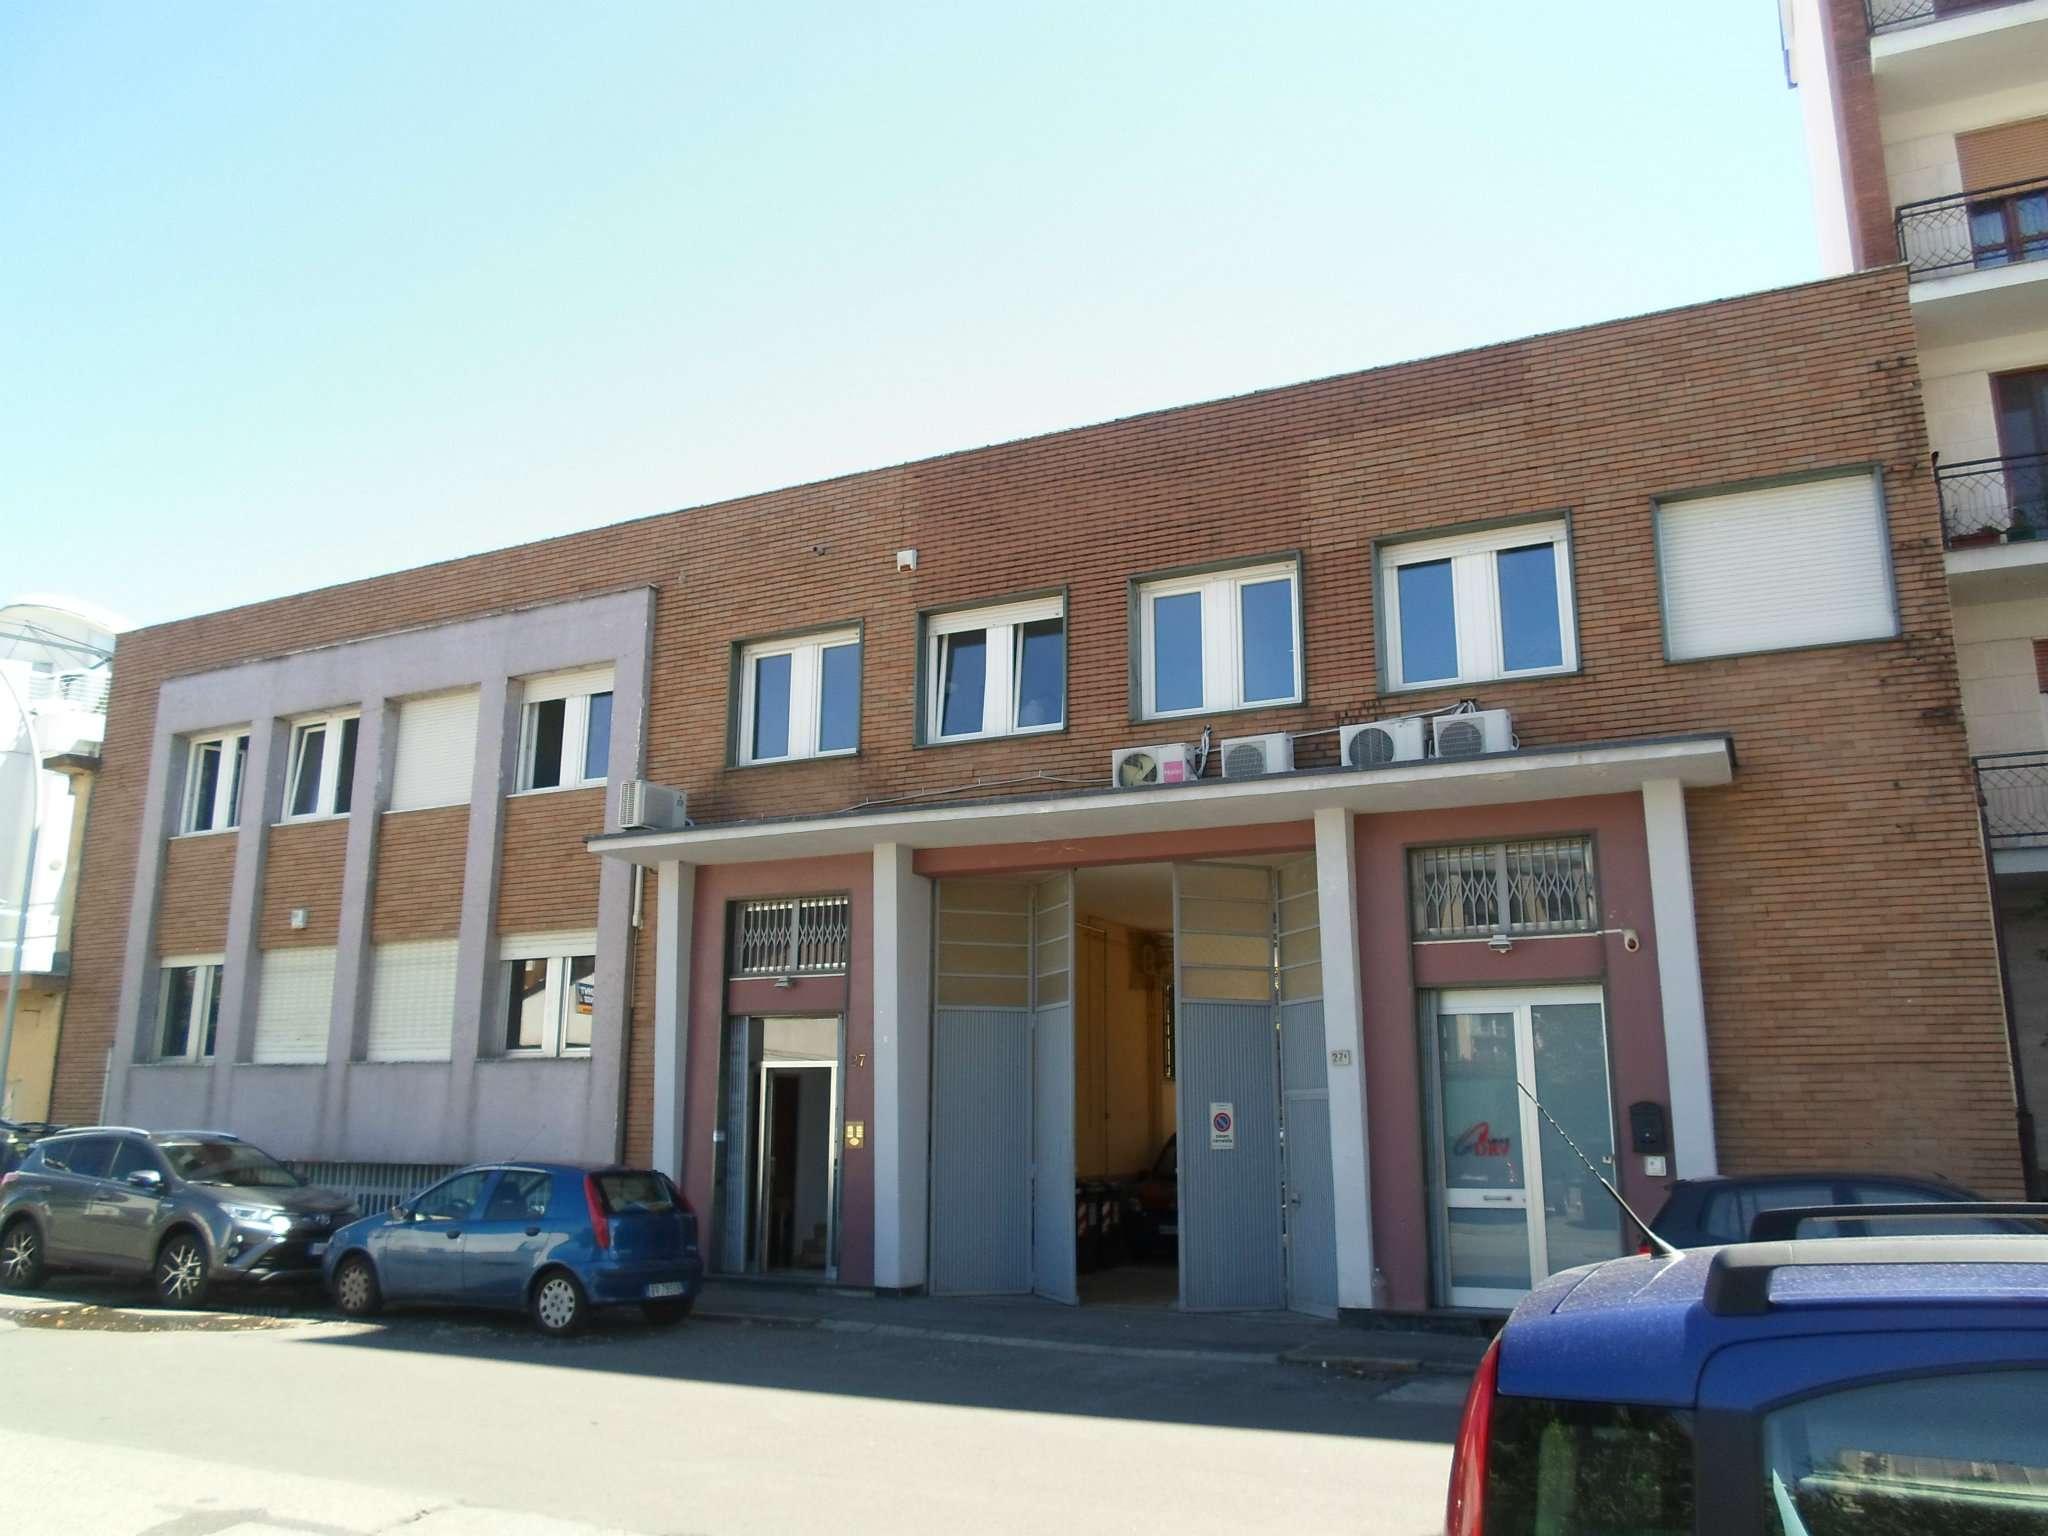 Ufficio / Studio in vendita a Collegno, 12 locali, prezzo € 360.000 | CambioCasa.it